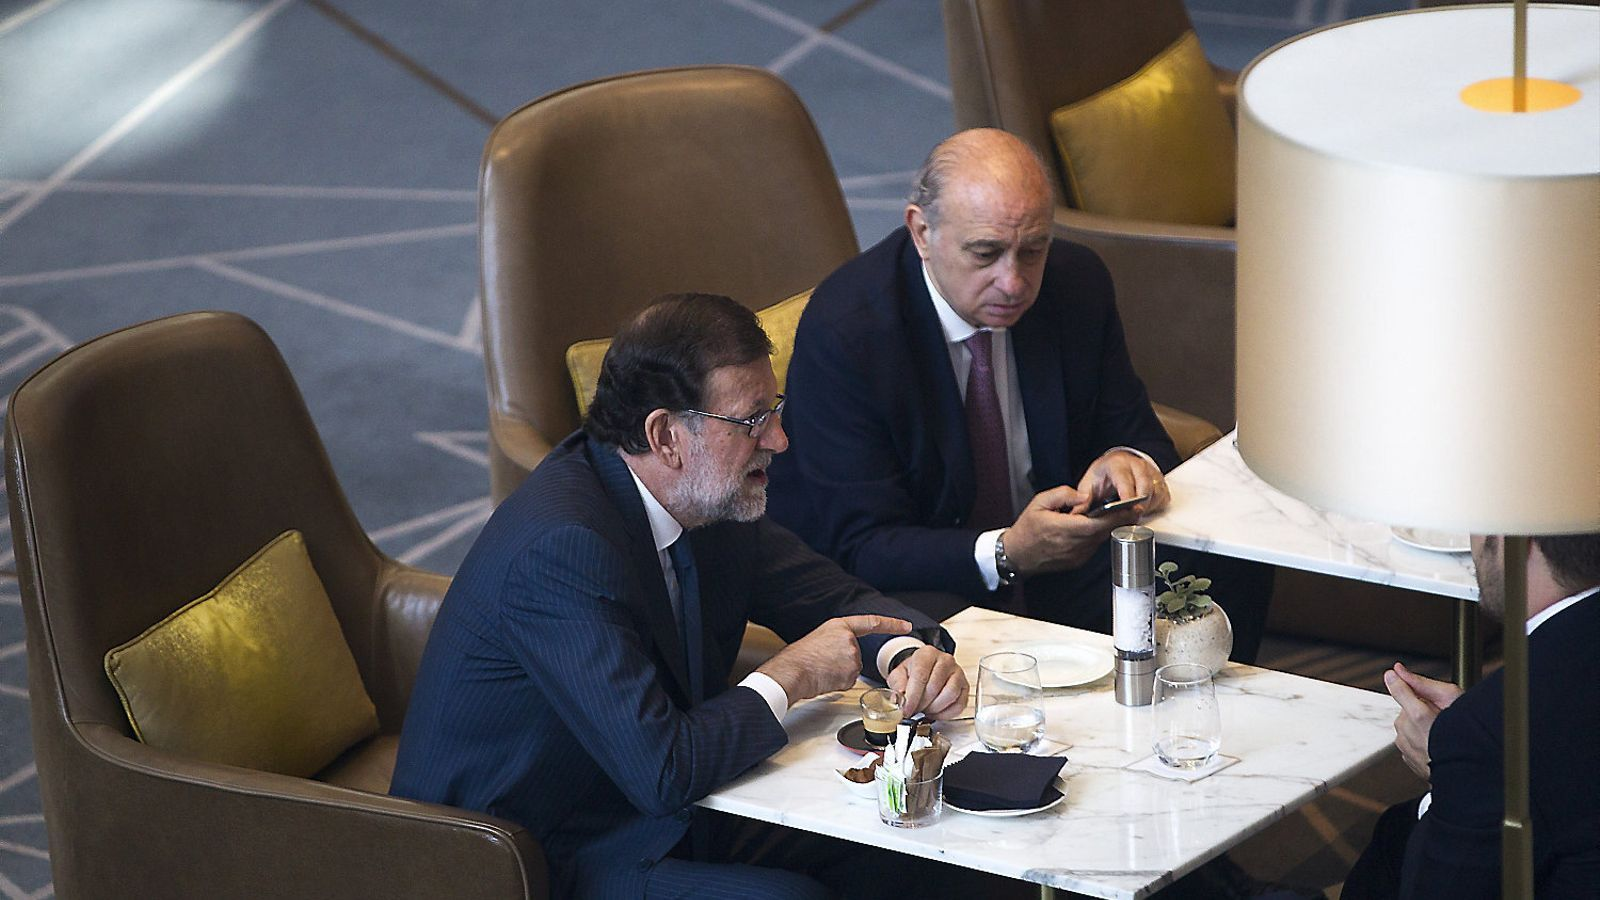 Fernández Díaz, Cospedal i l'espionatge d'estat